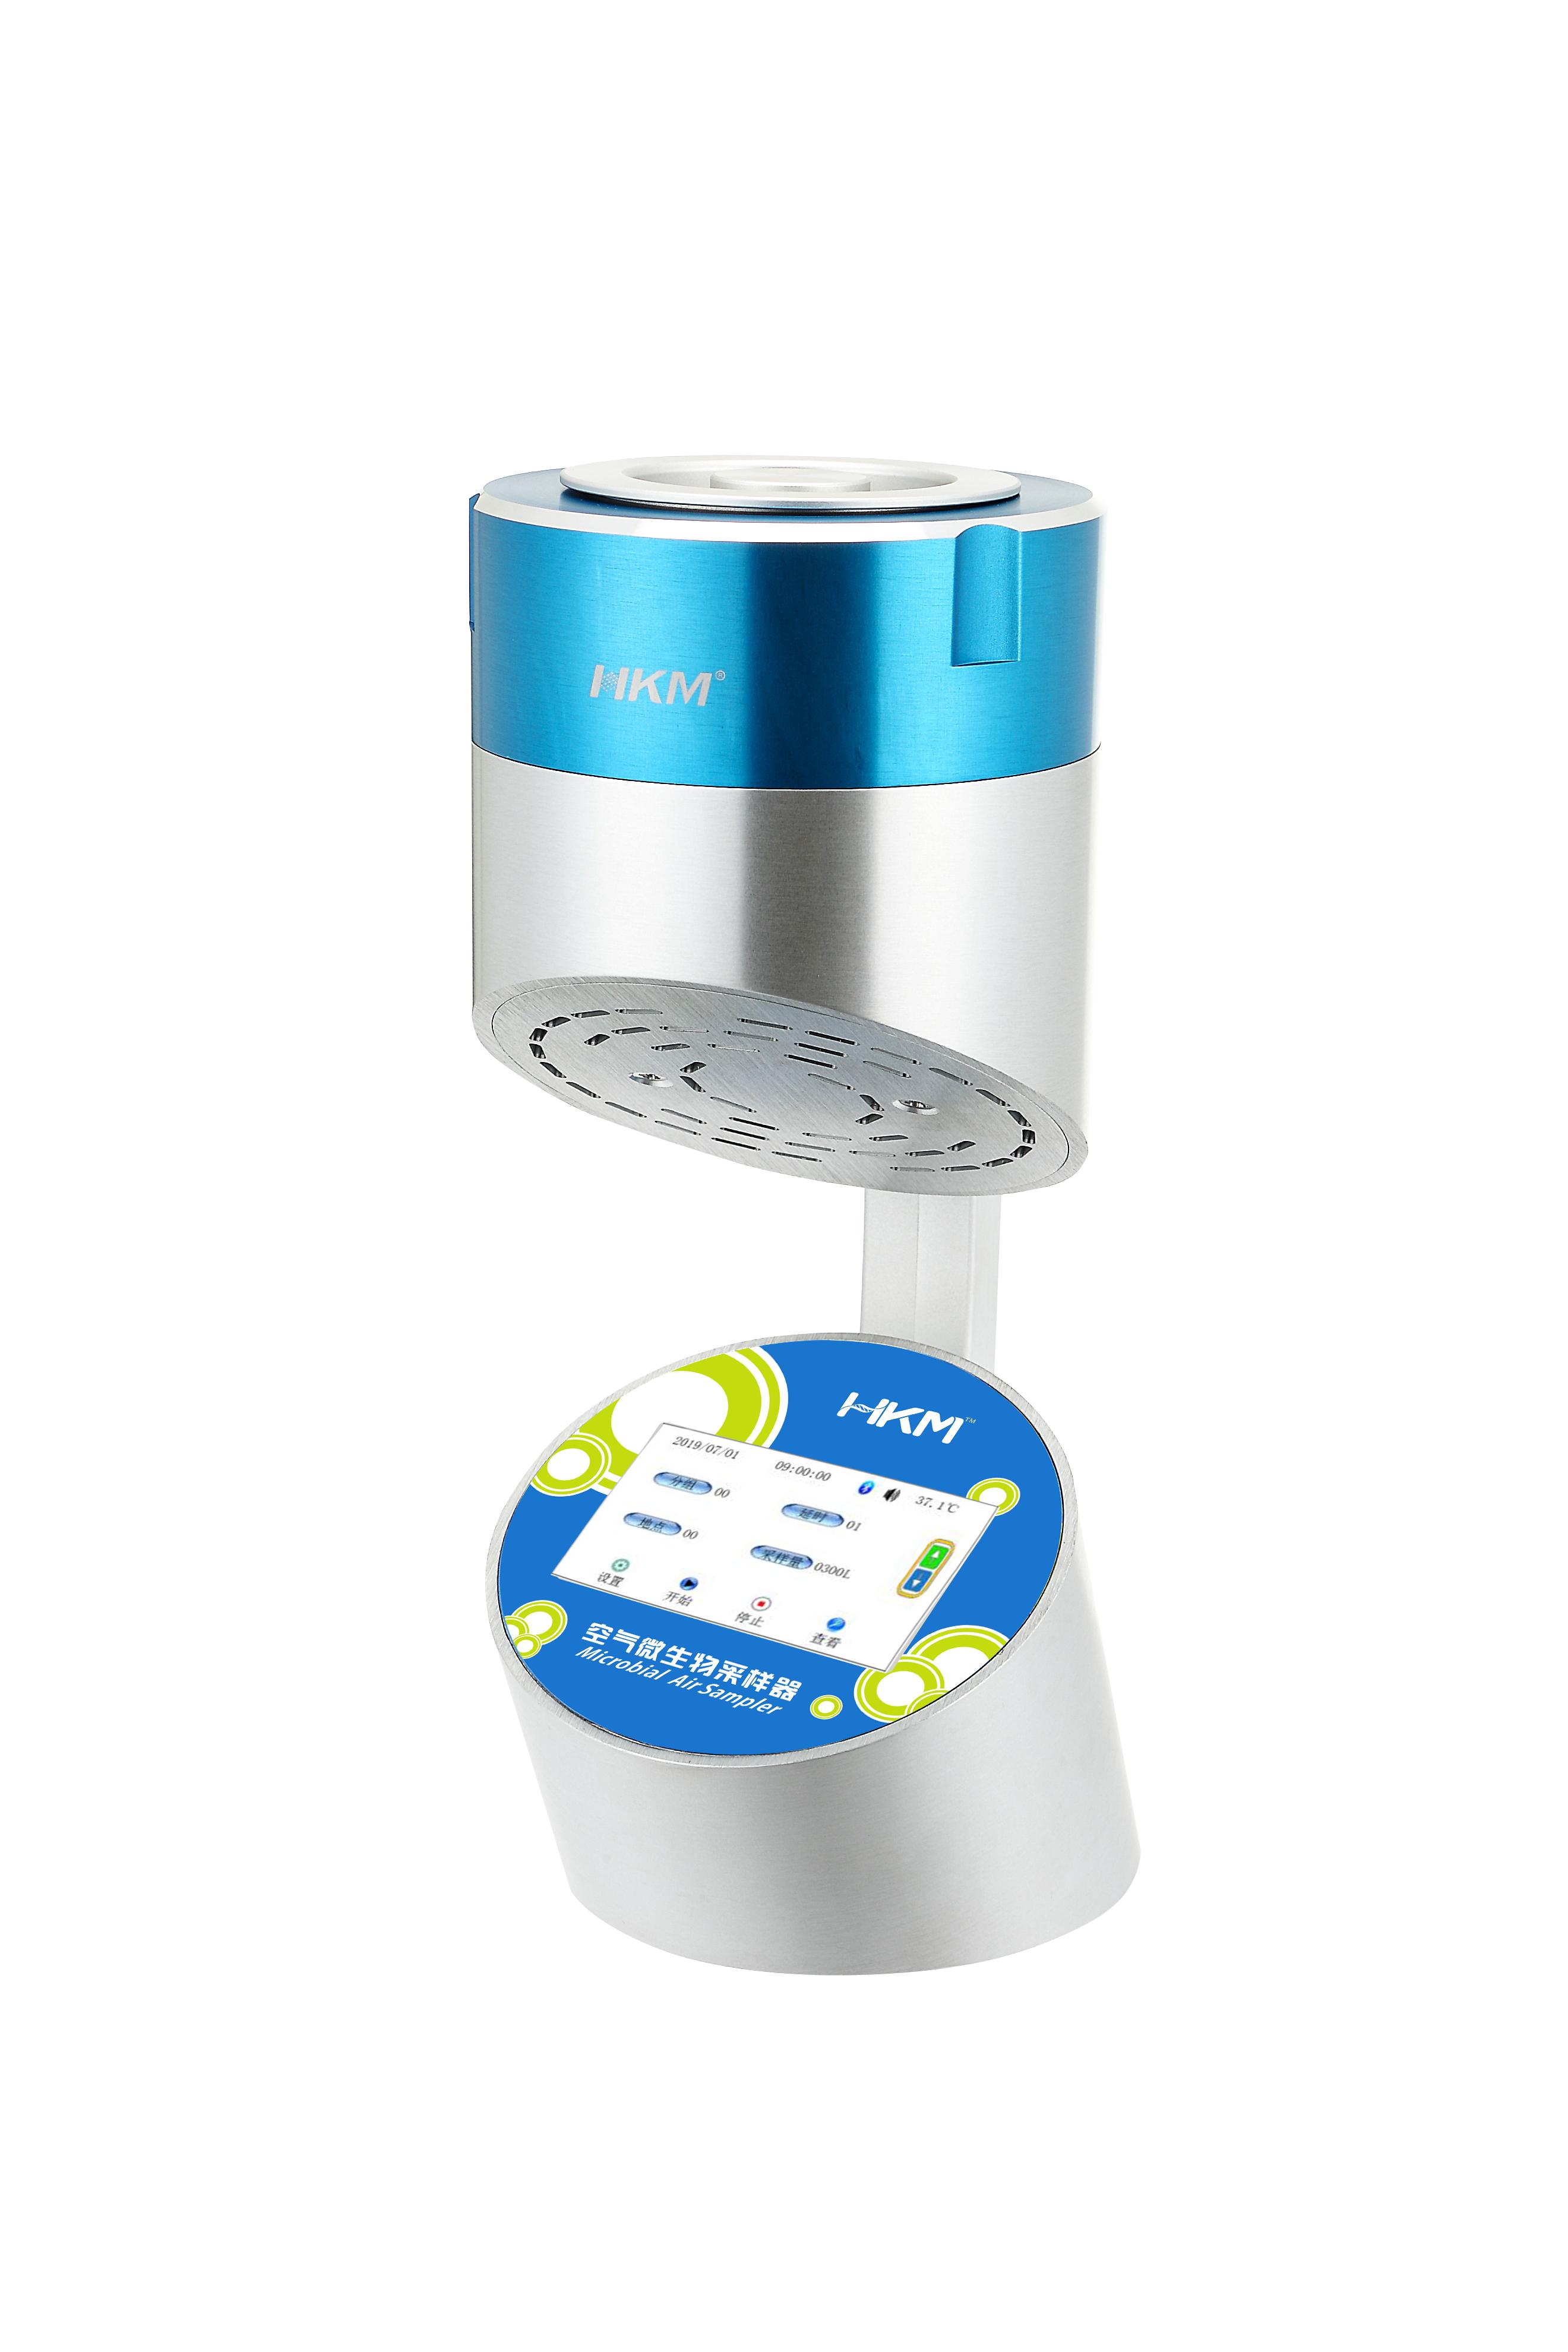 空气浮游微生物采样器(空气微生物采样器)HKM-ⅢB-100 触摸屏 蓝牙 PC 流量补偿 版